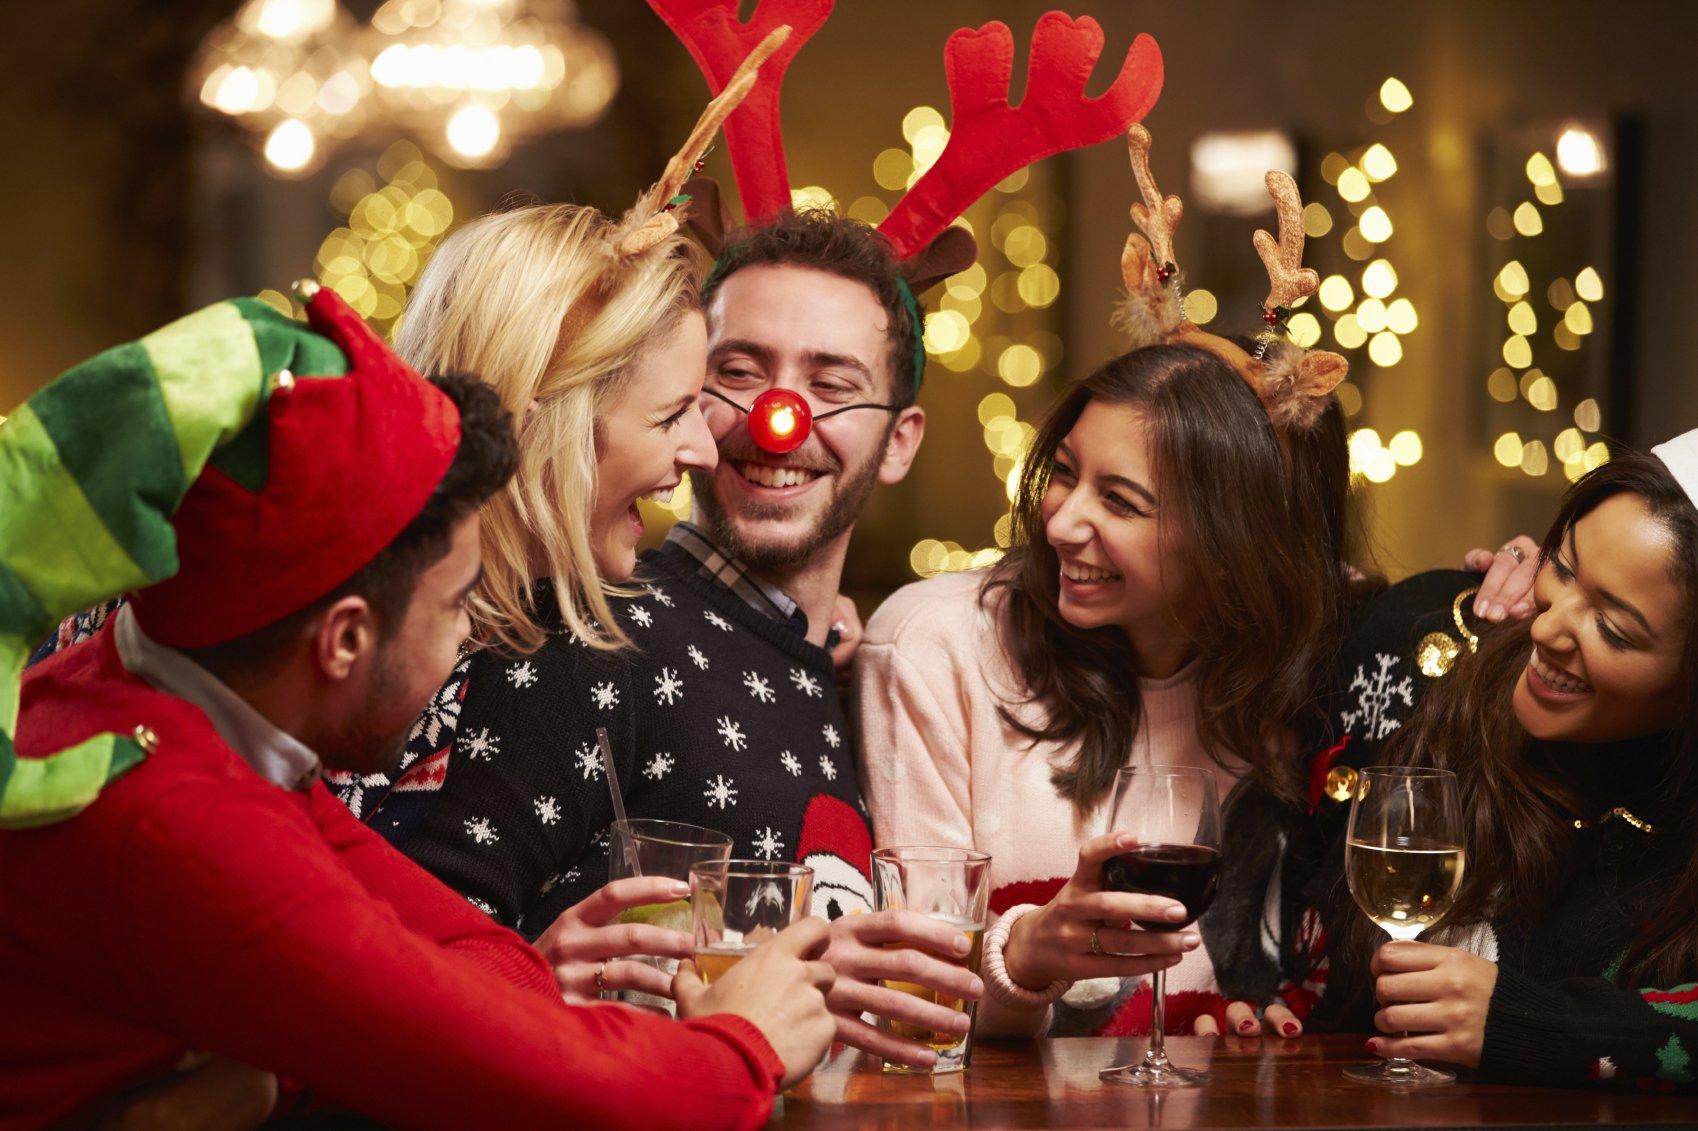 Спортивный Новый год: активные конкурсы для вечеринки